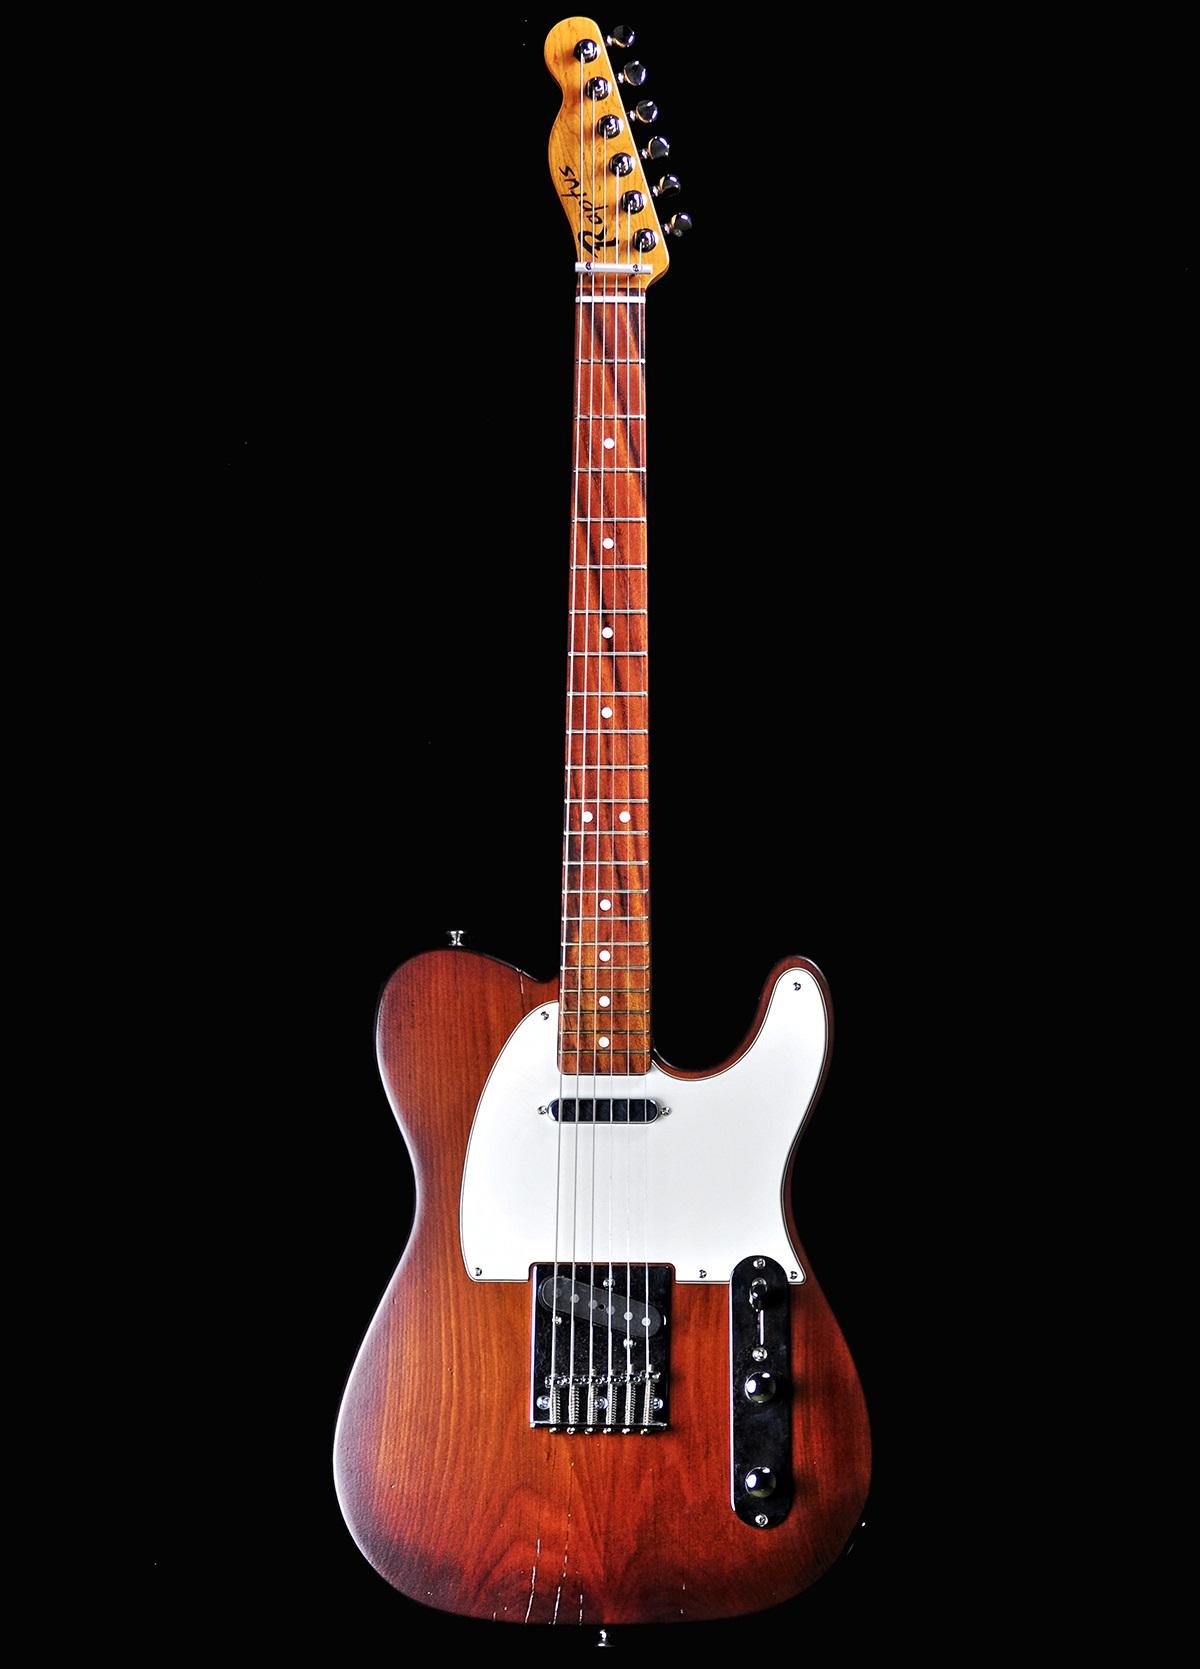 chitarra-tv-pine-fronte-1